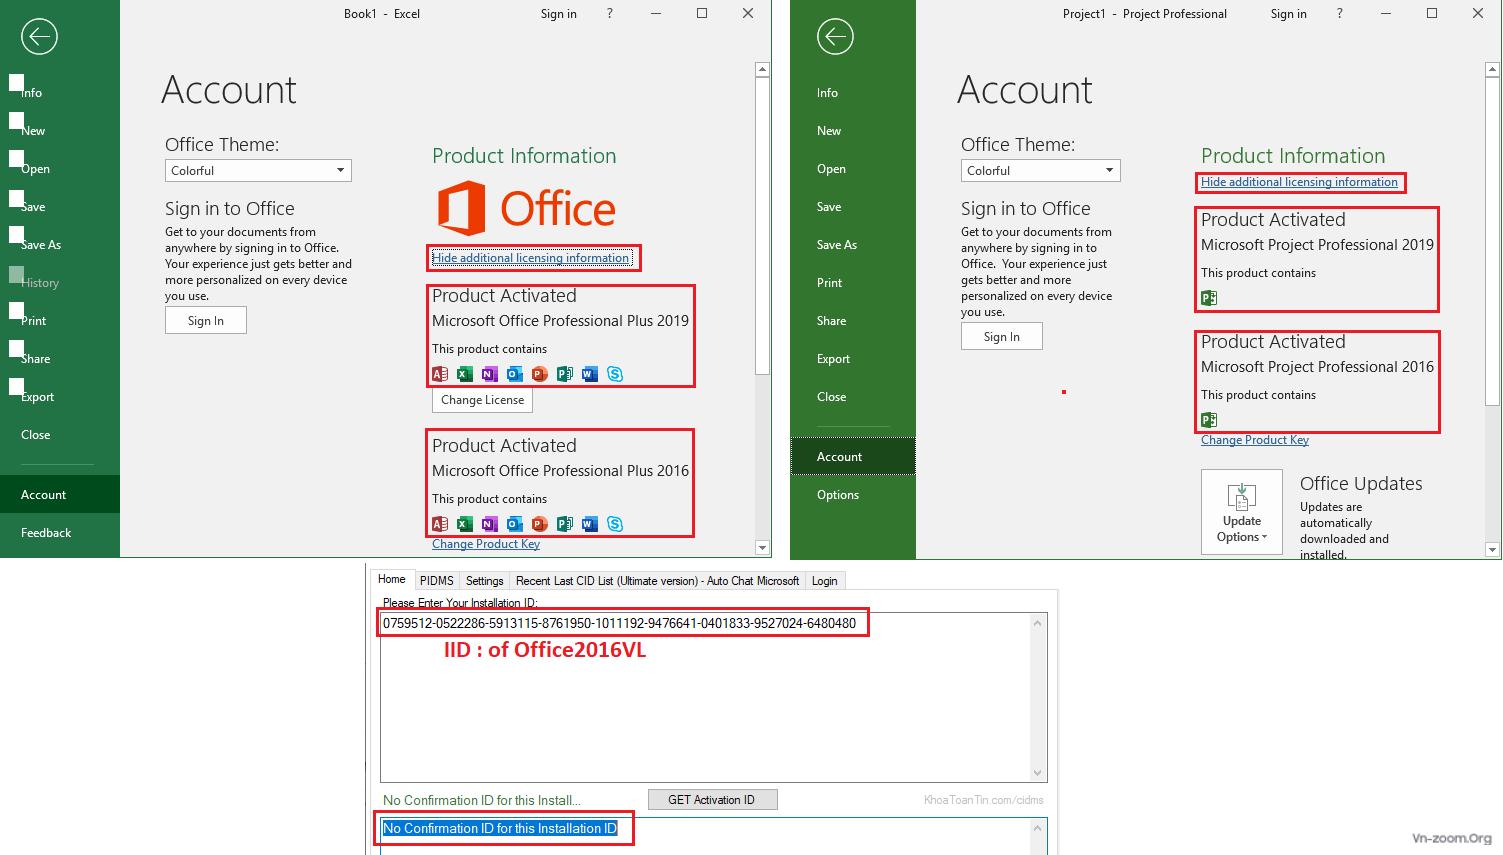 Thảo luận - Review - Phục hồi bản quyền Windows 10 và Office trên 1